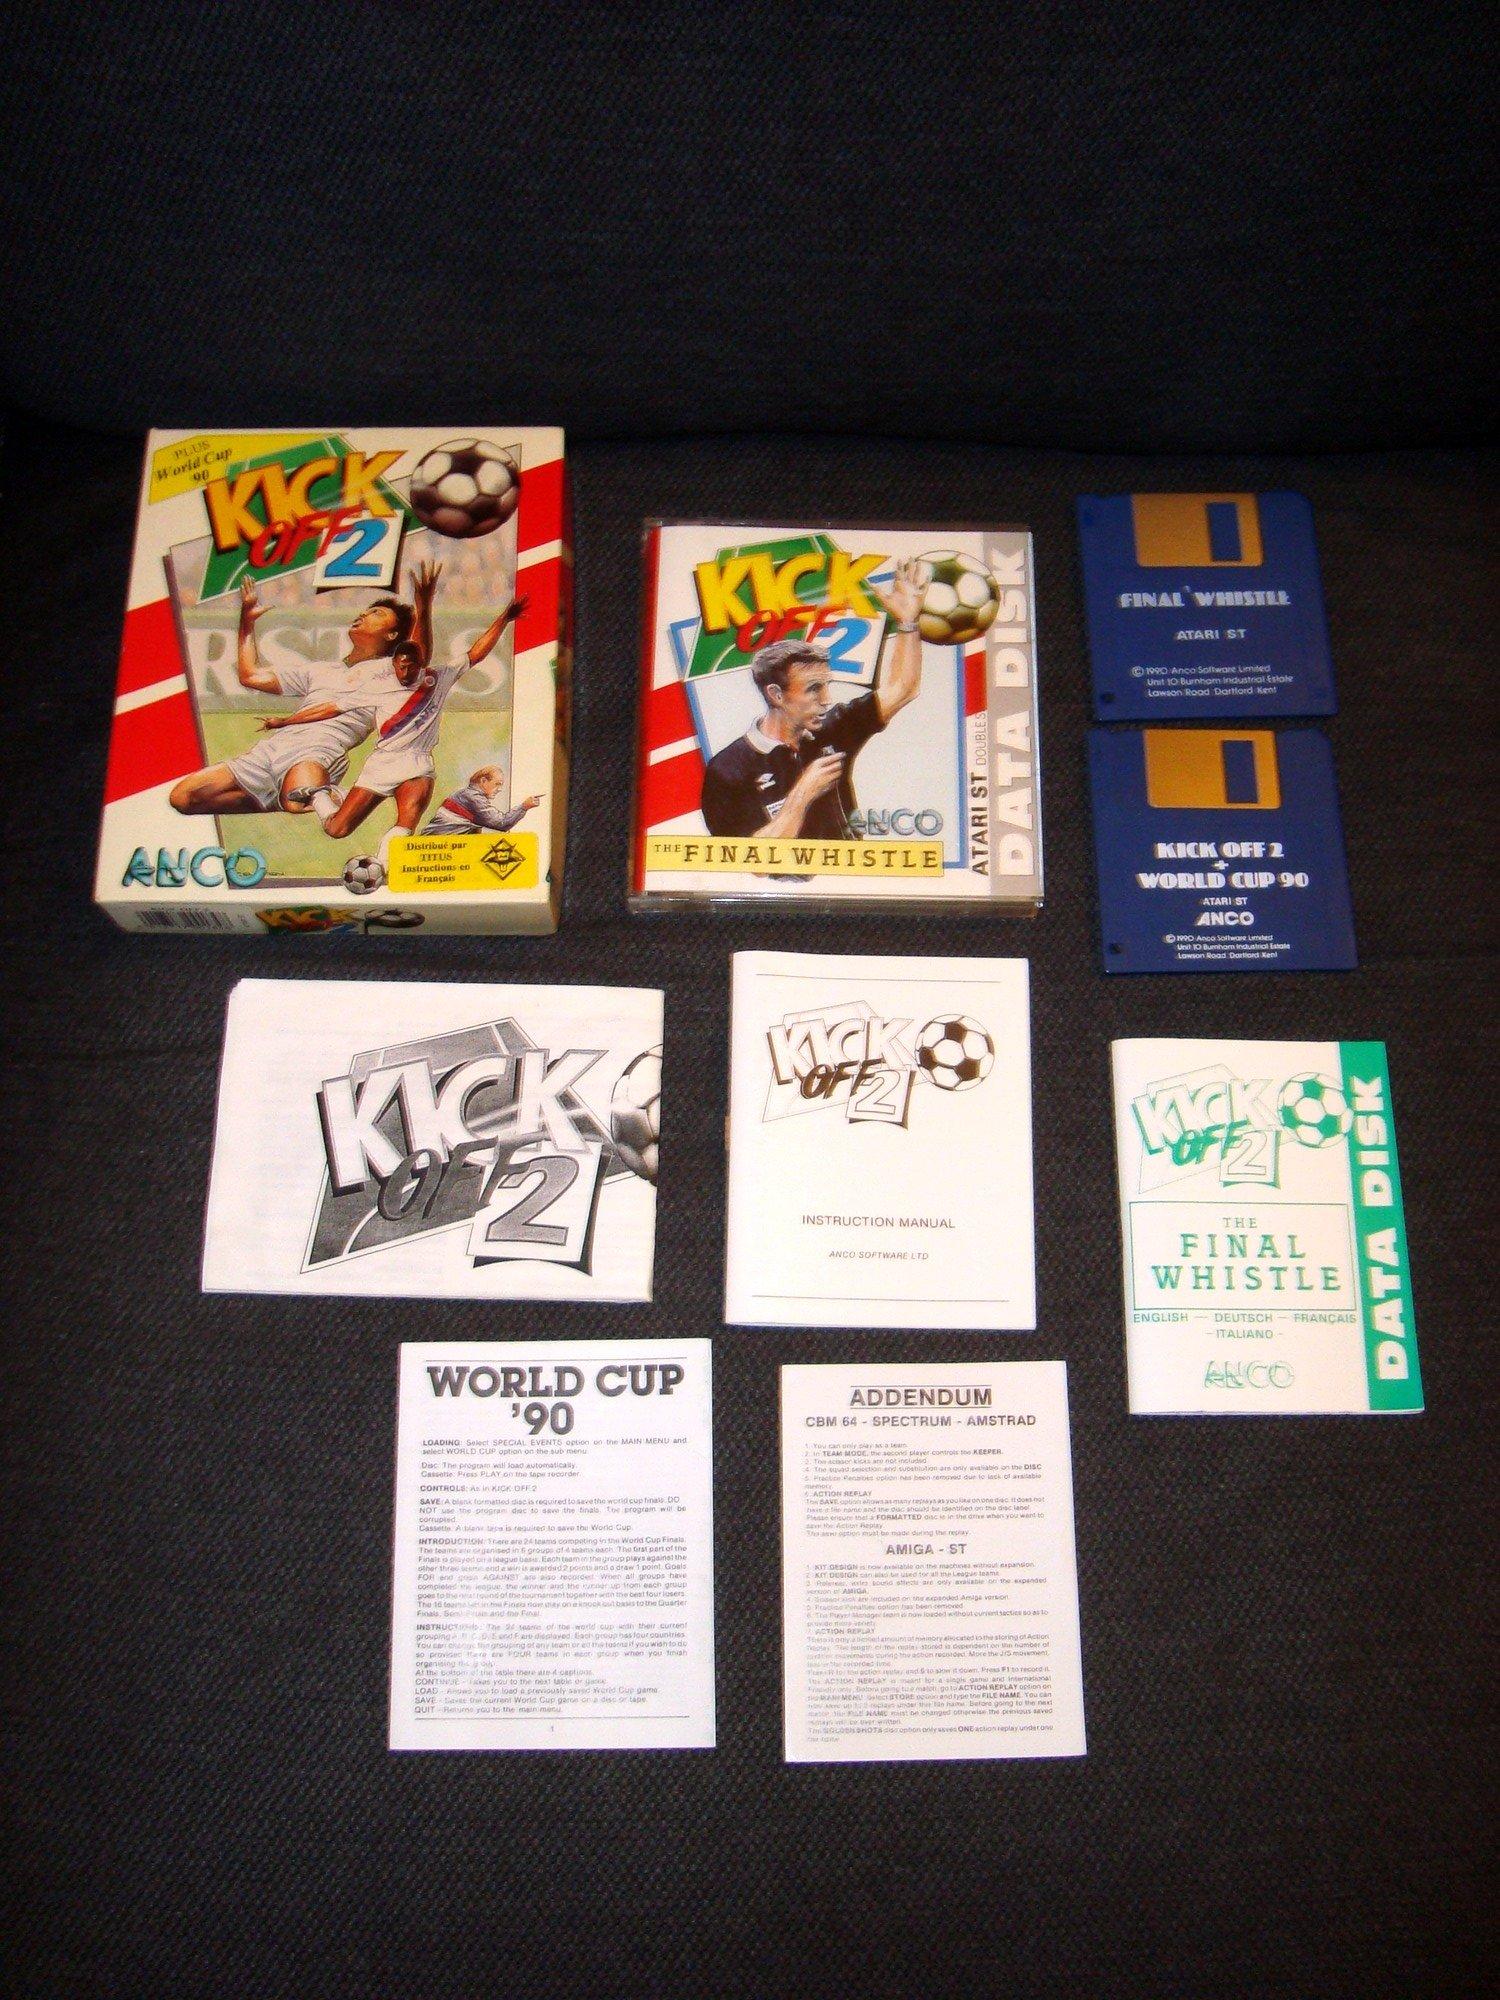 [TEST] Kick Off 2 - Atari ST 201129081822249974